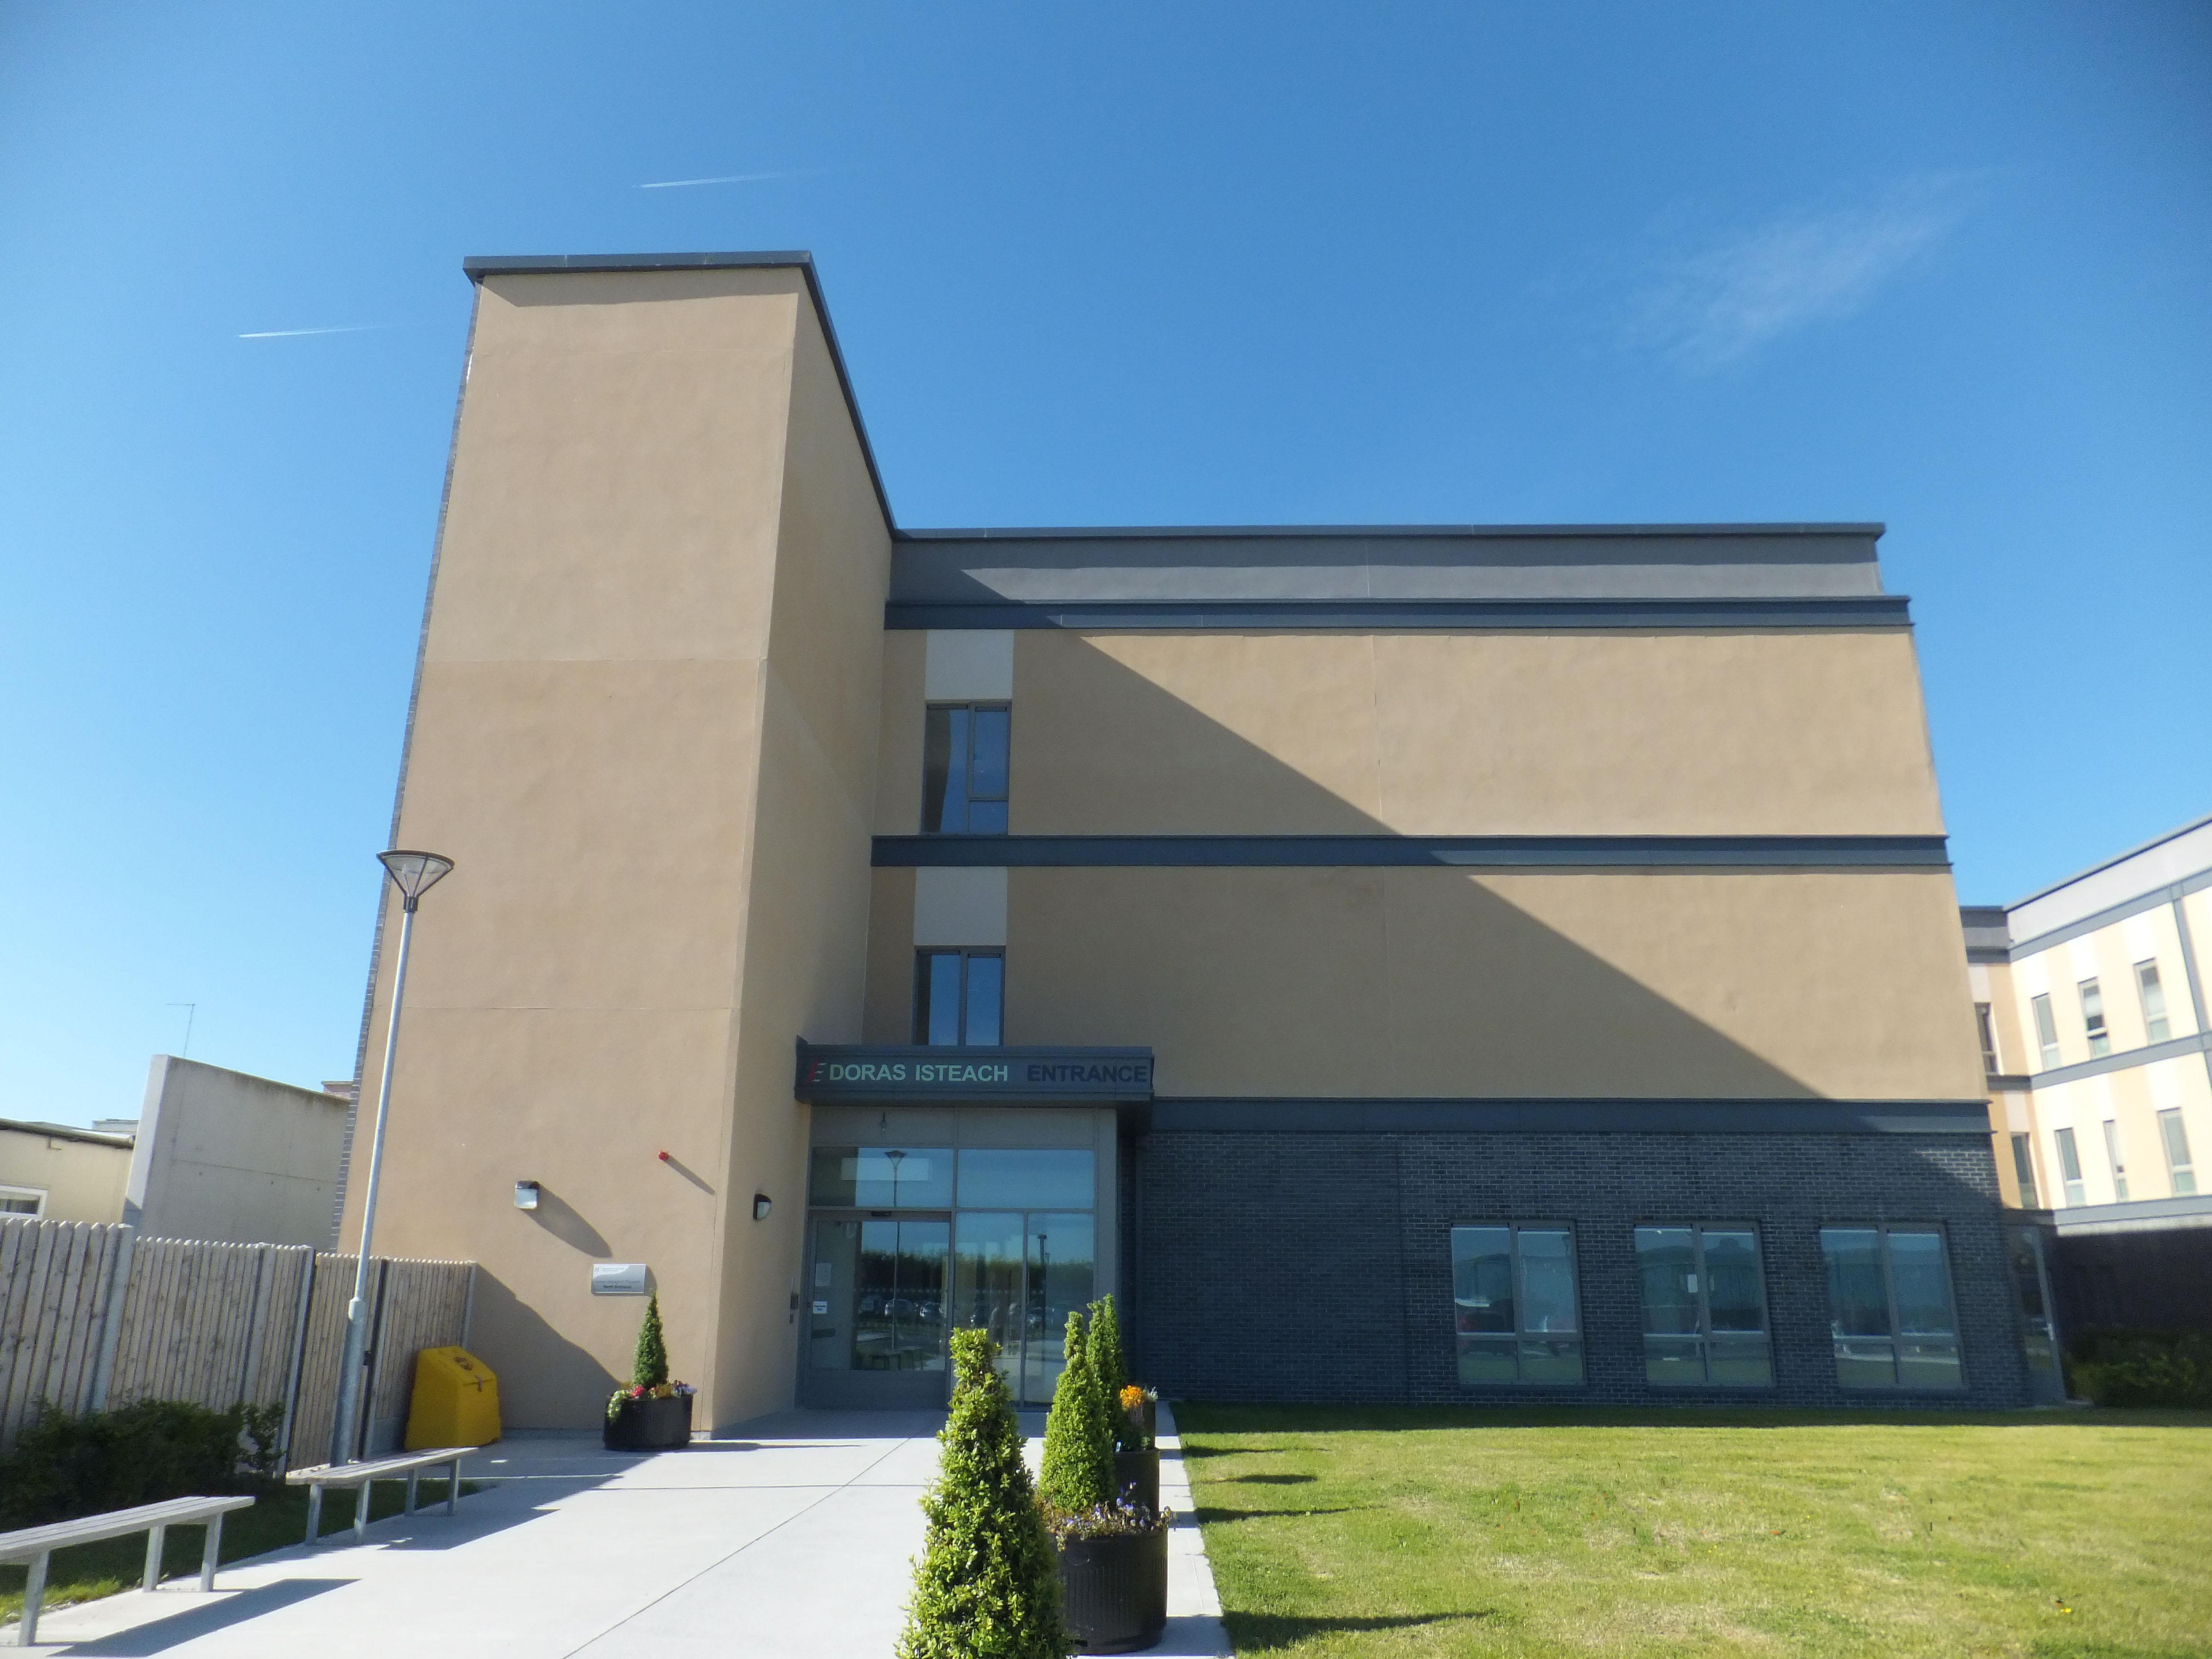 St Luke S General Hospital Carlow Kilkenny Hse Ie